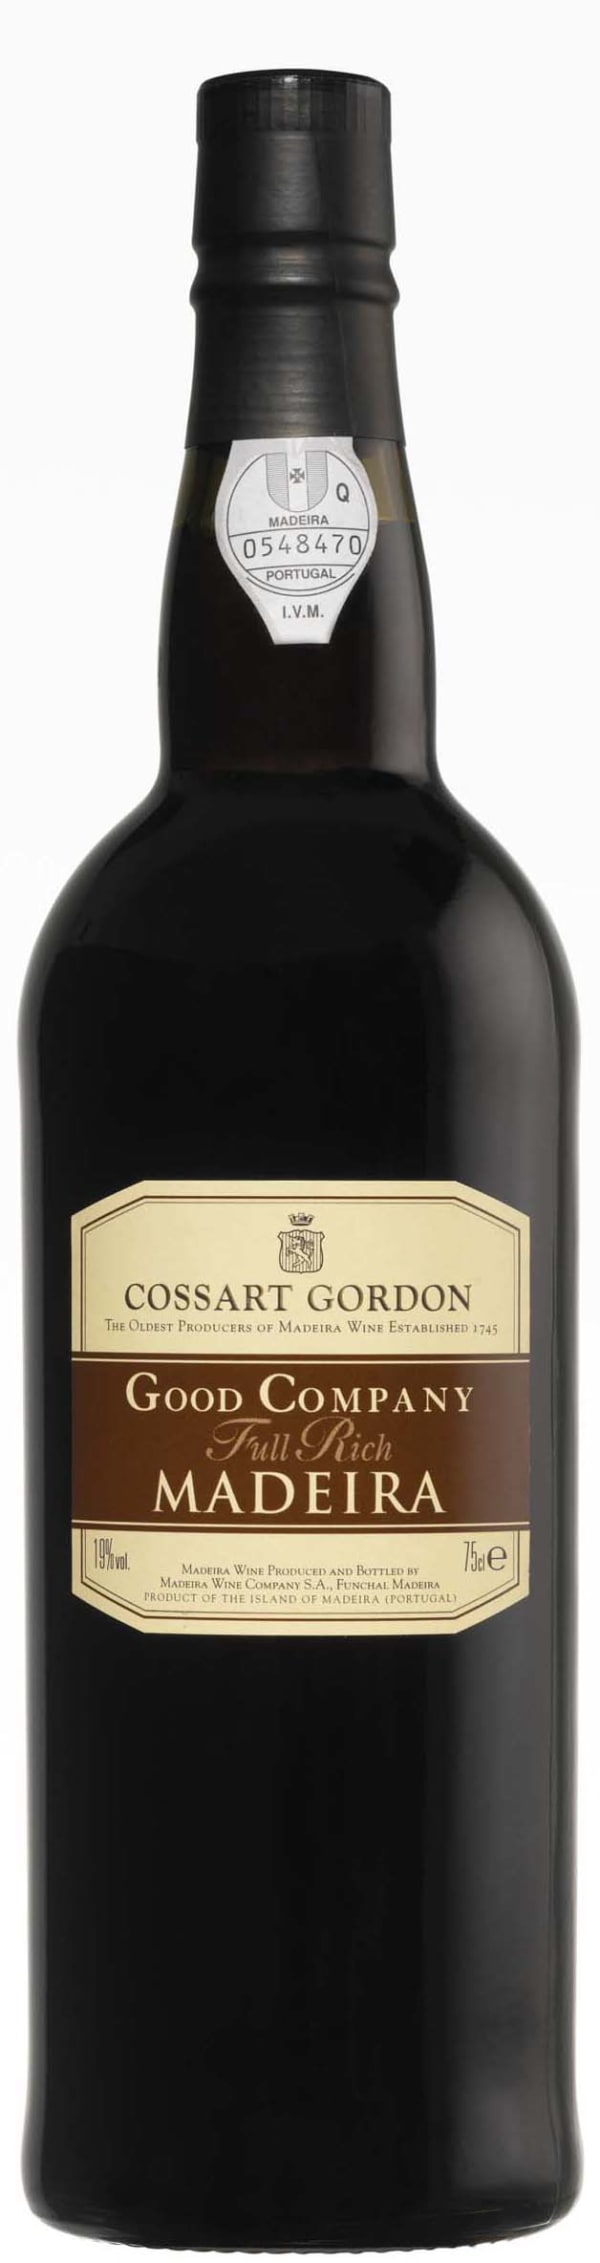 Cossart Gordon Good Company Full Rich Madeira